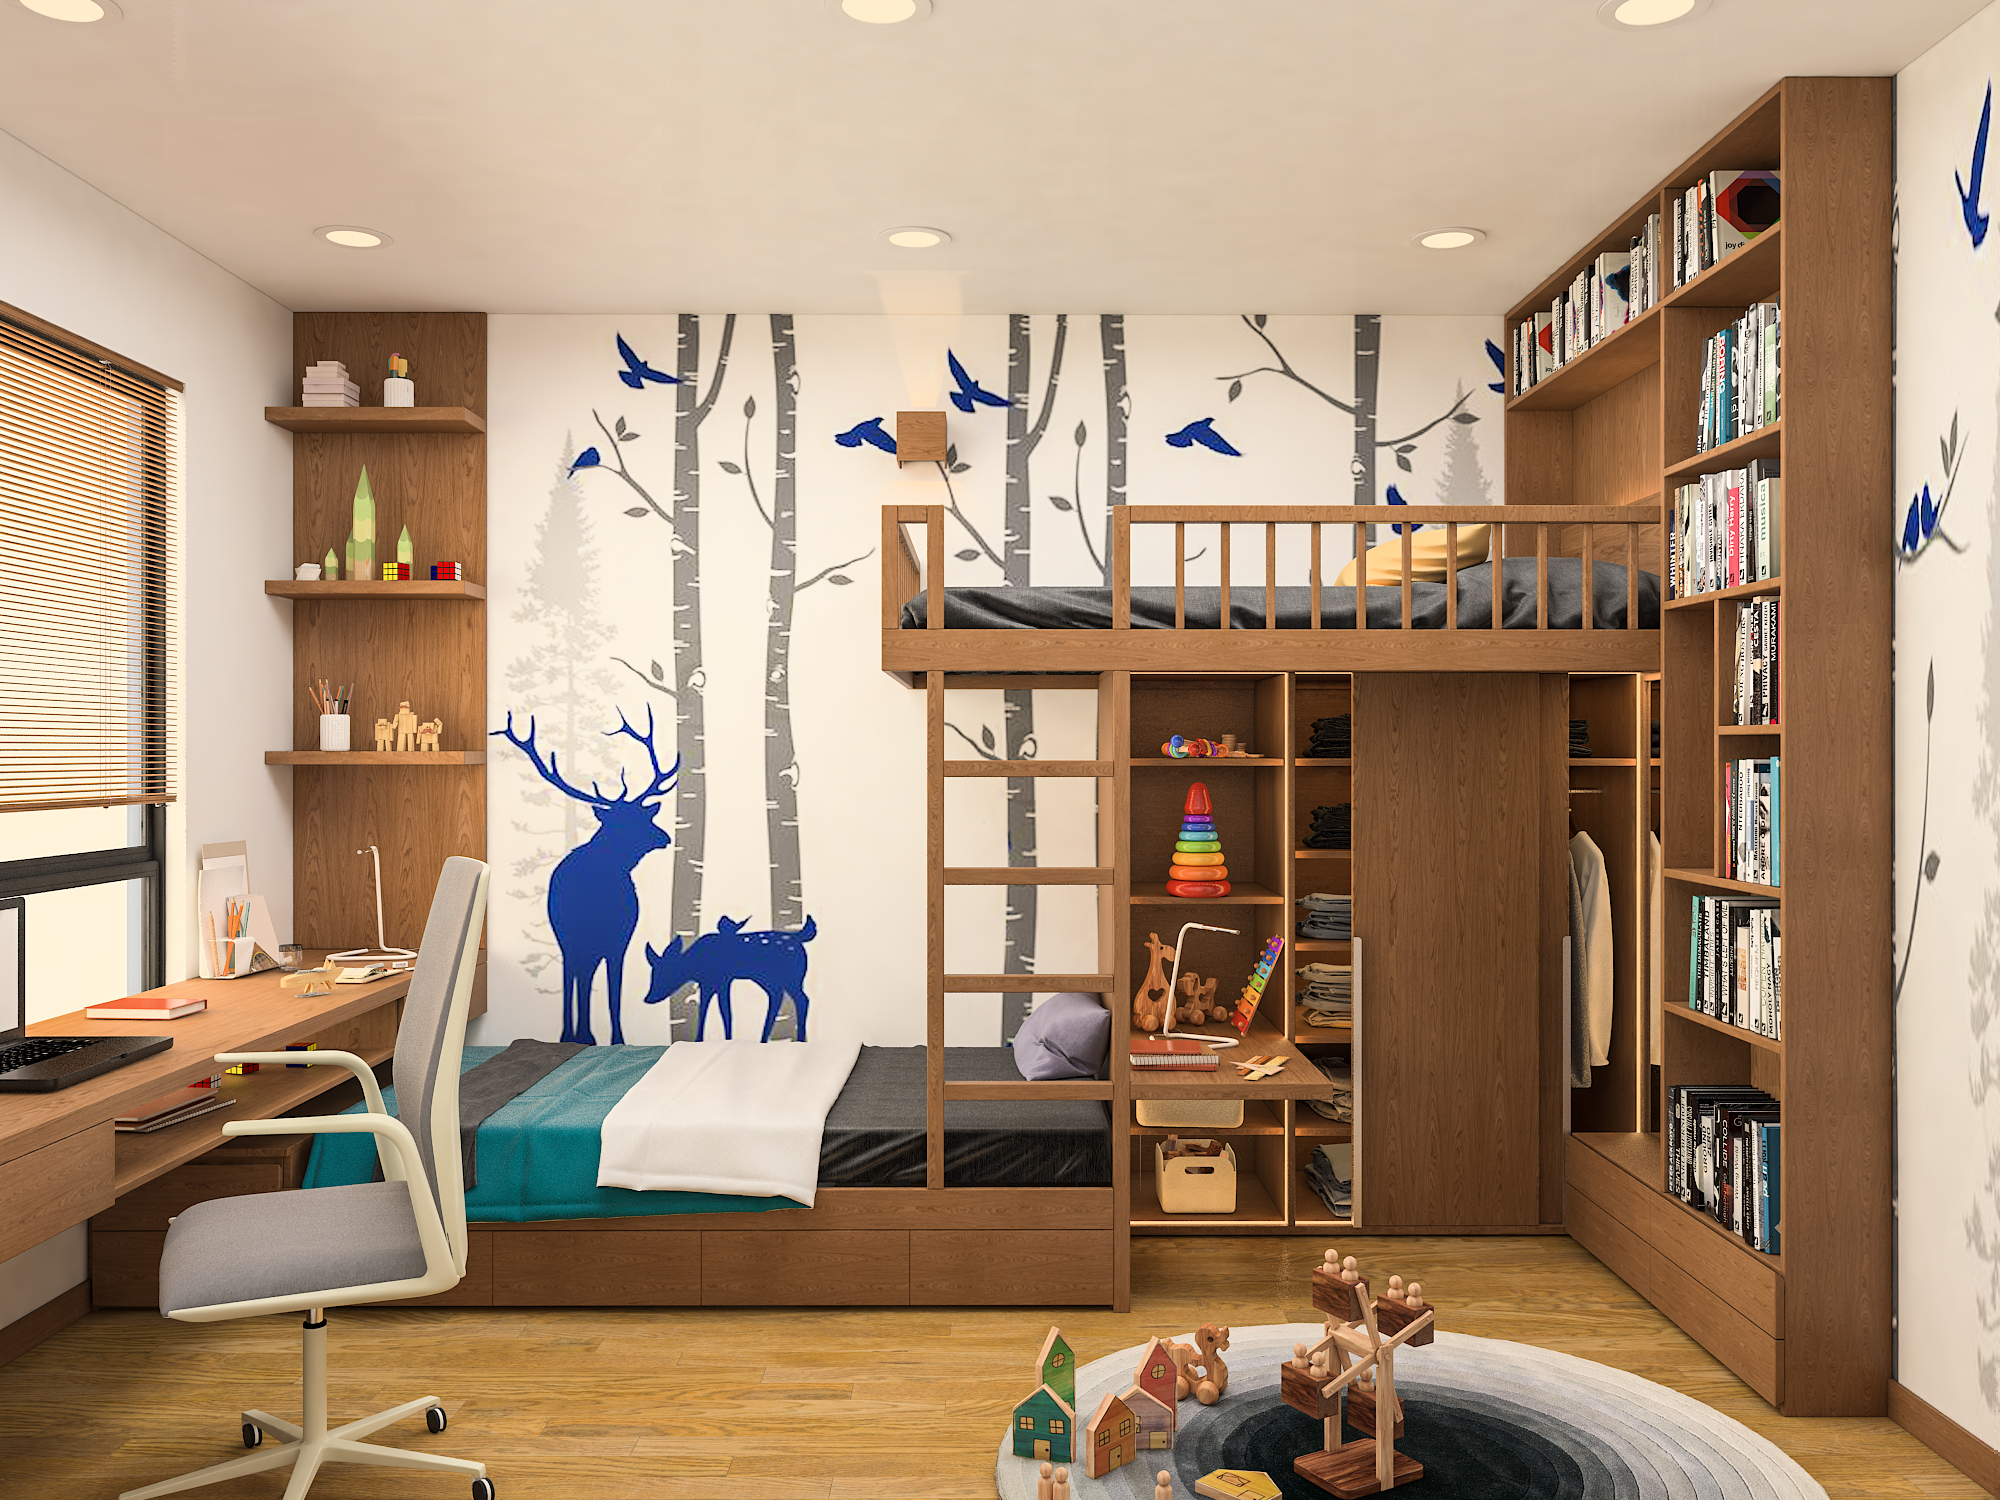 thiết kế nội thất chung cư tại Hà Nội Nội thất golden west 10 1533866926